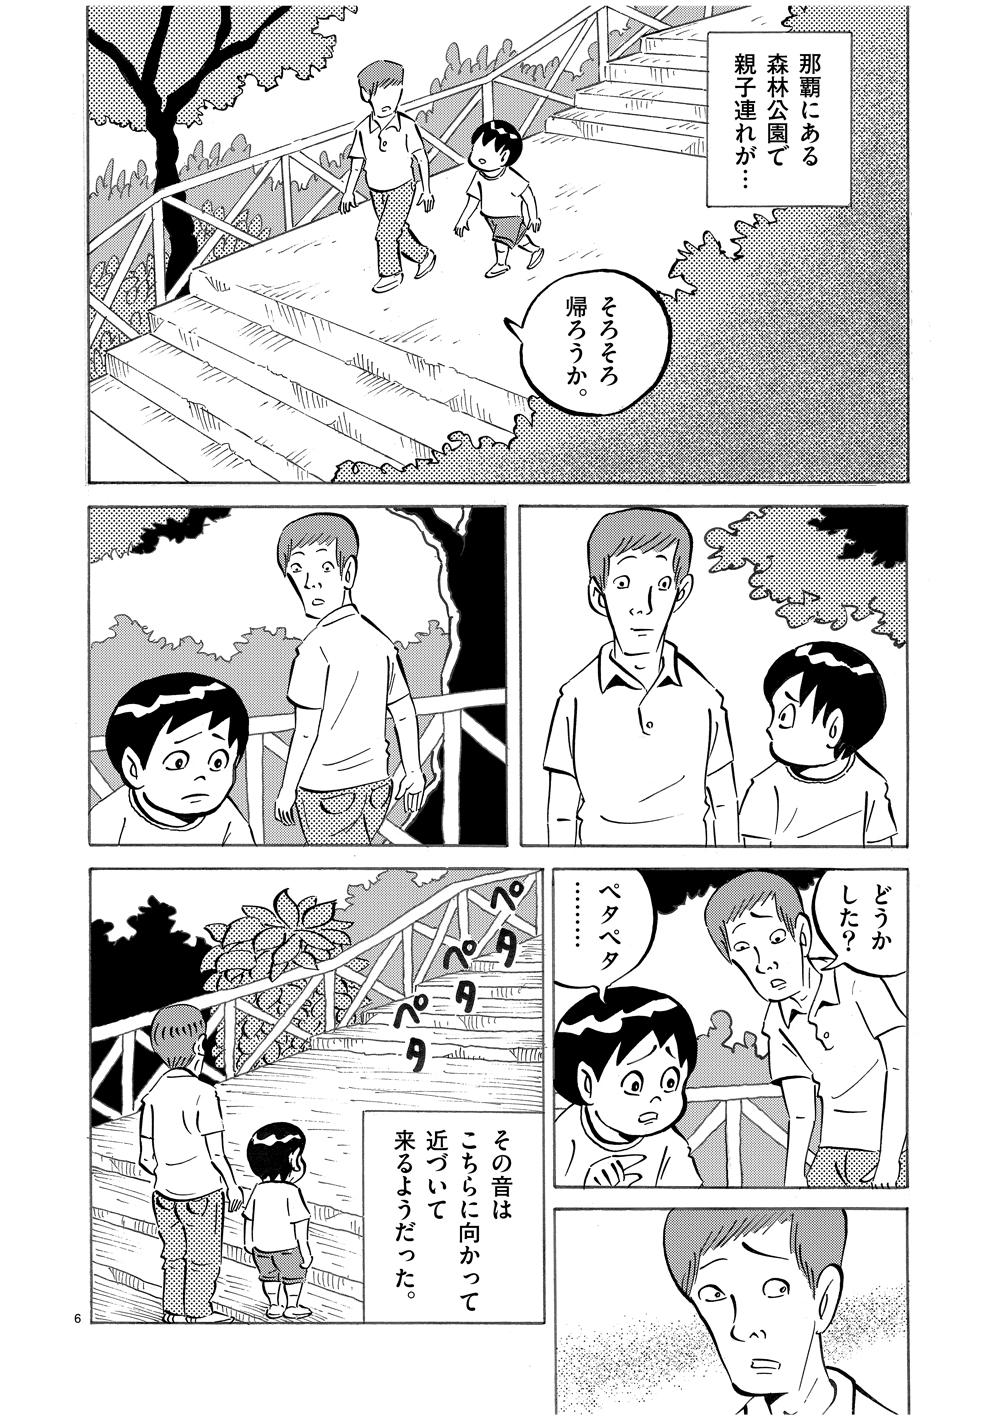 琉球怪談 【第2話】WEB掲載6ページ目画像